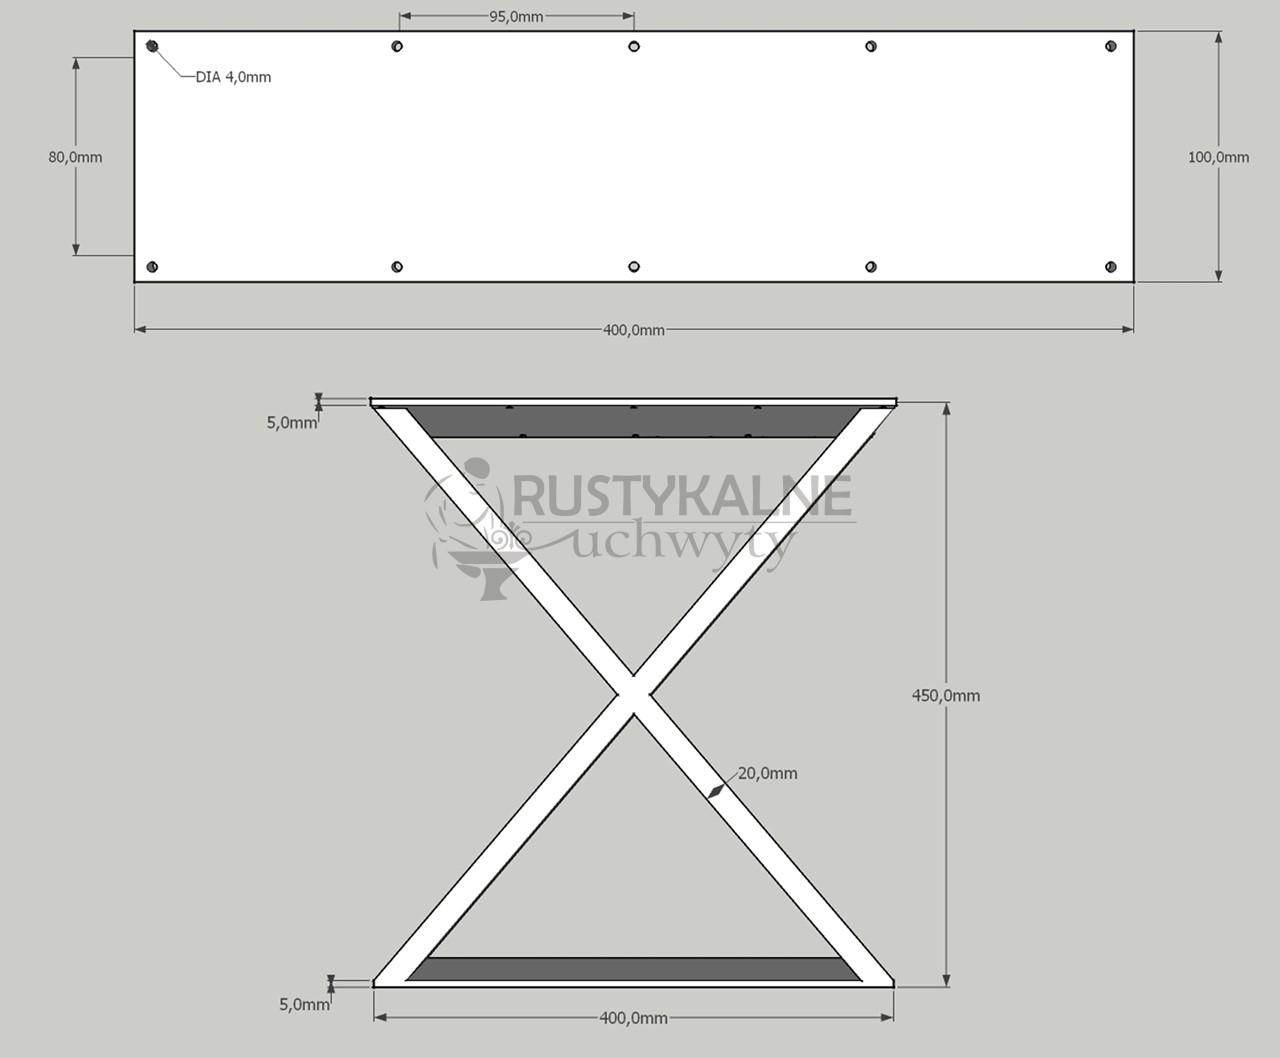 rysunek techniczny noga industrialna x 40x45